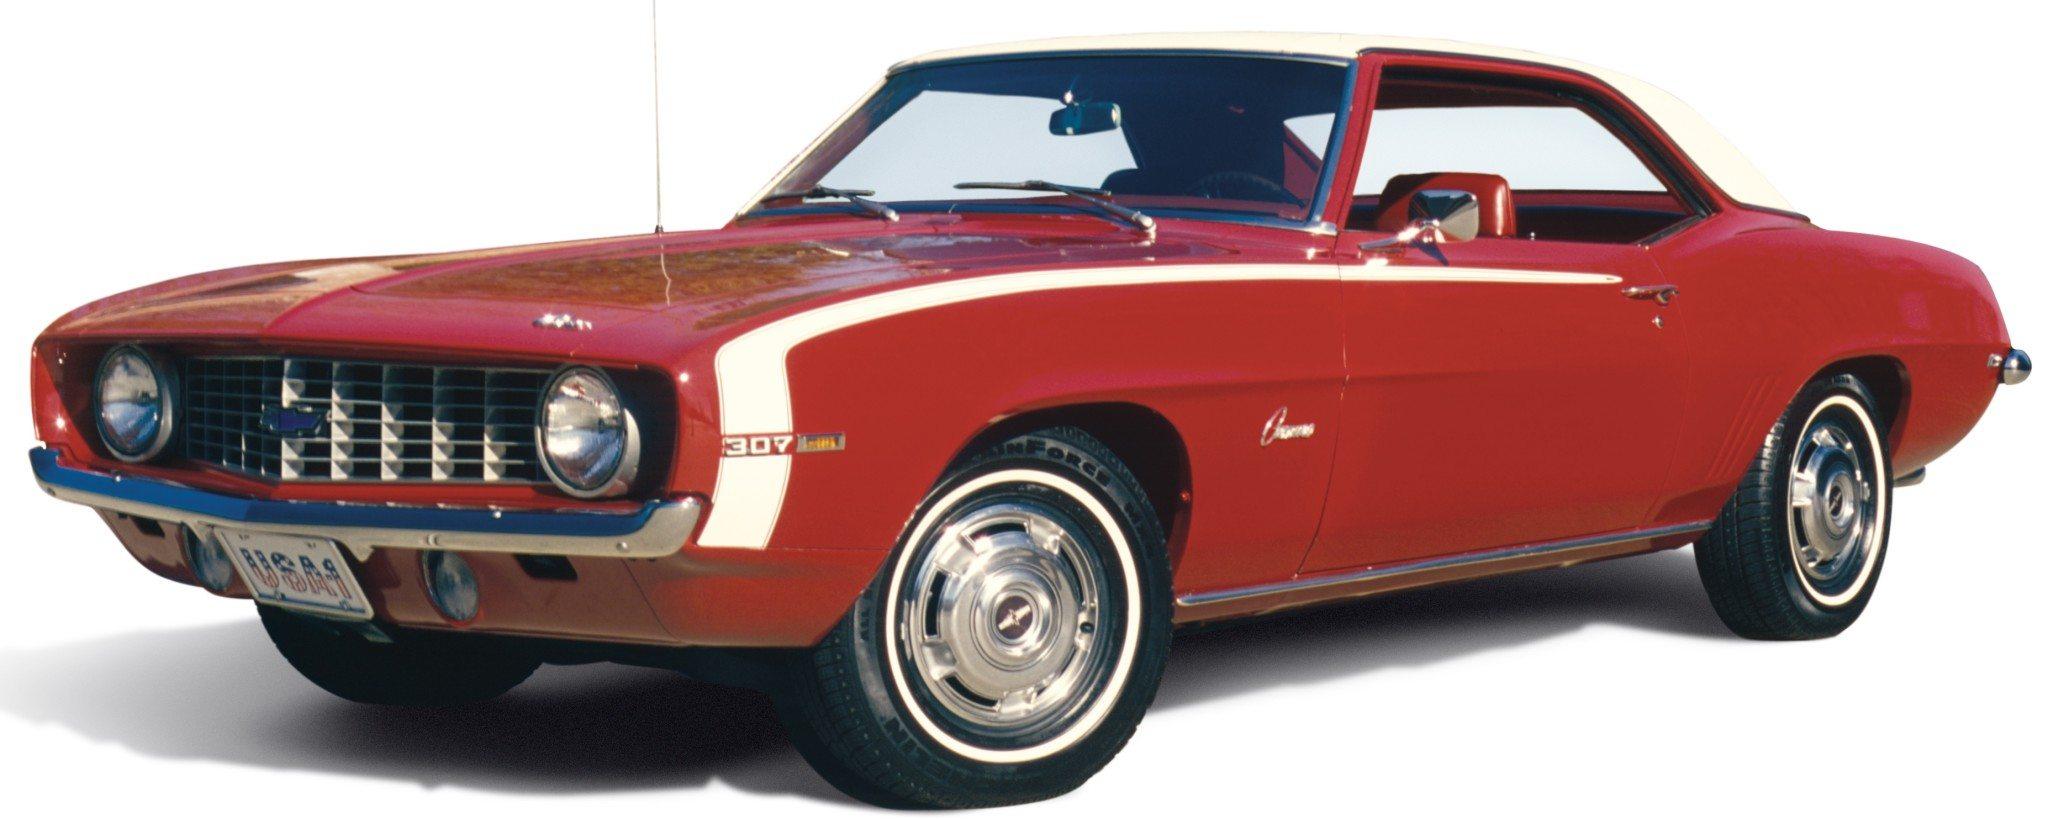 1969 Chevy Camaro 307